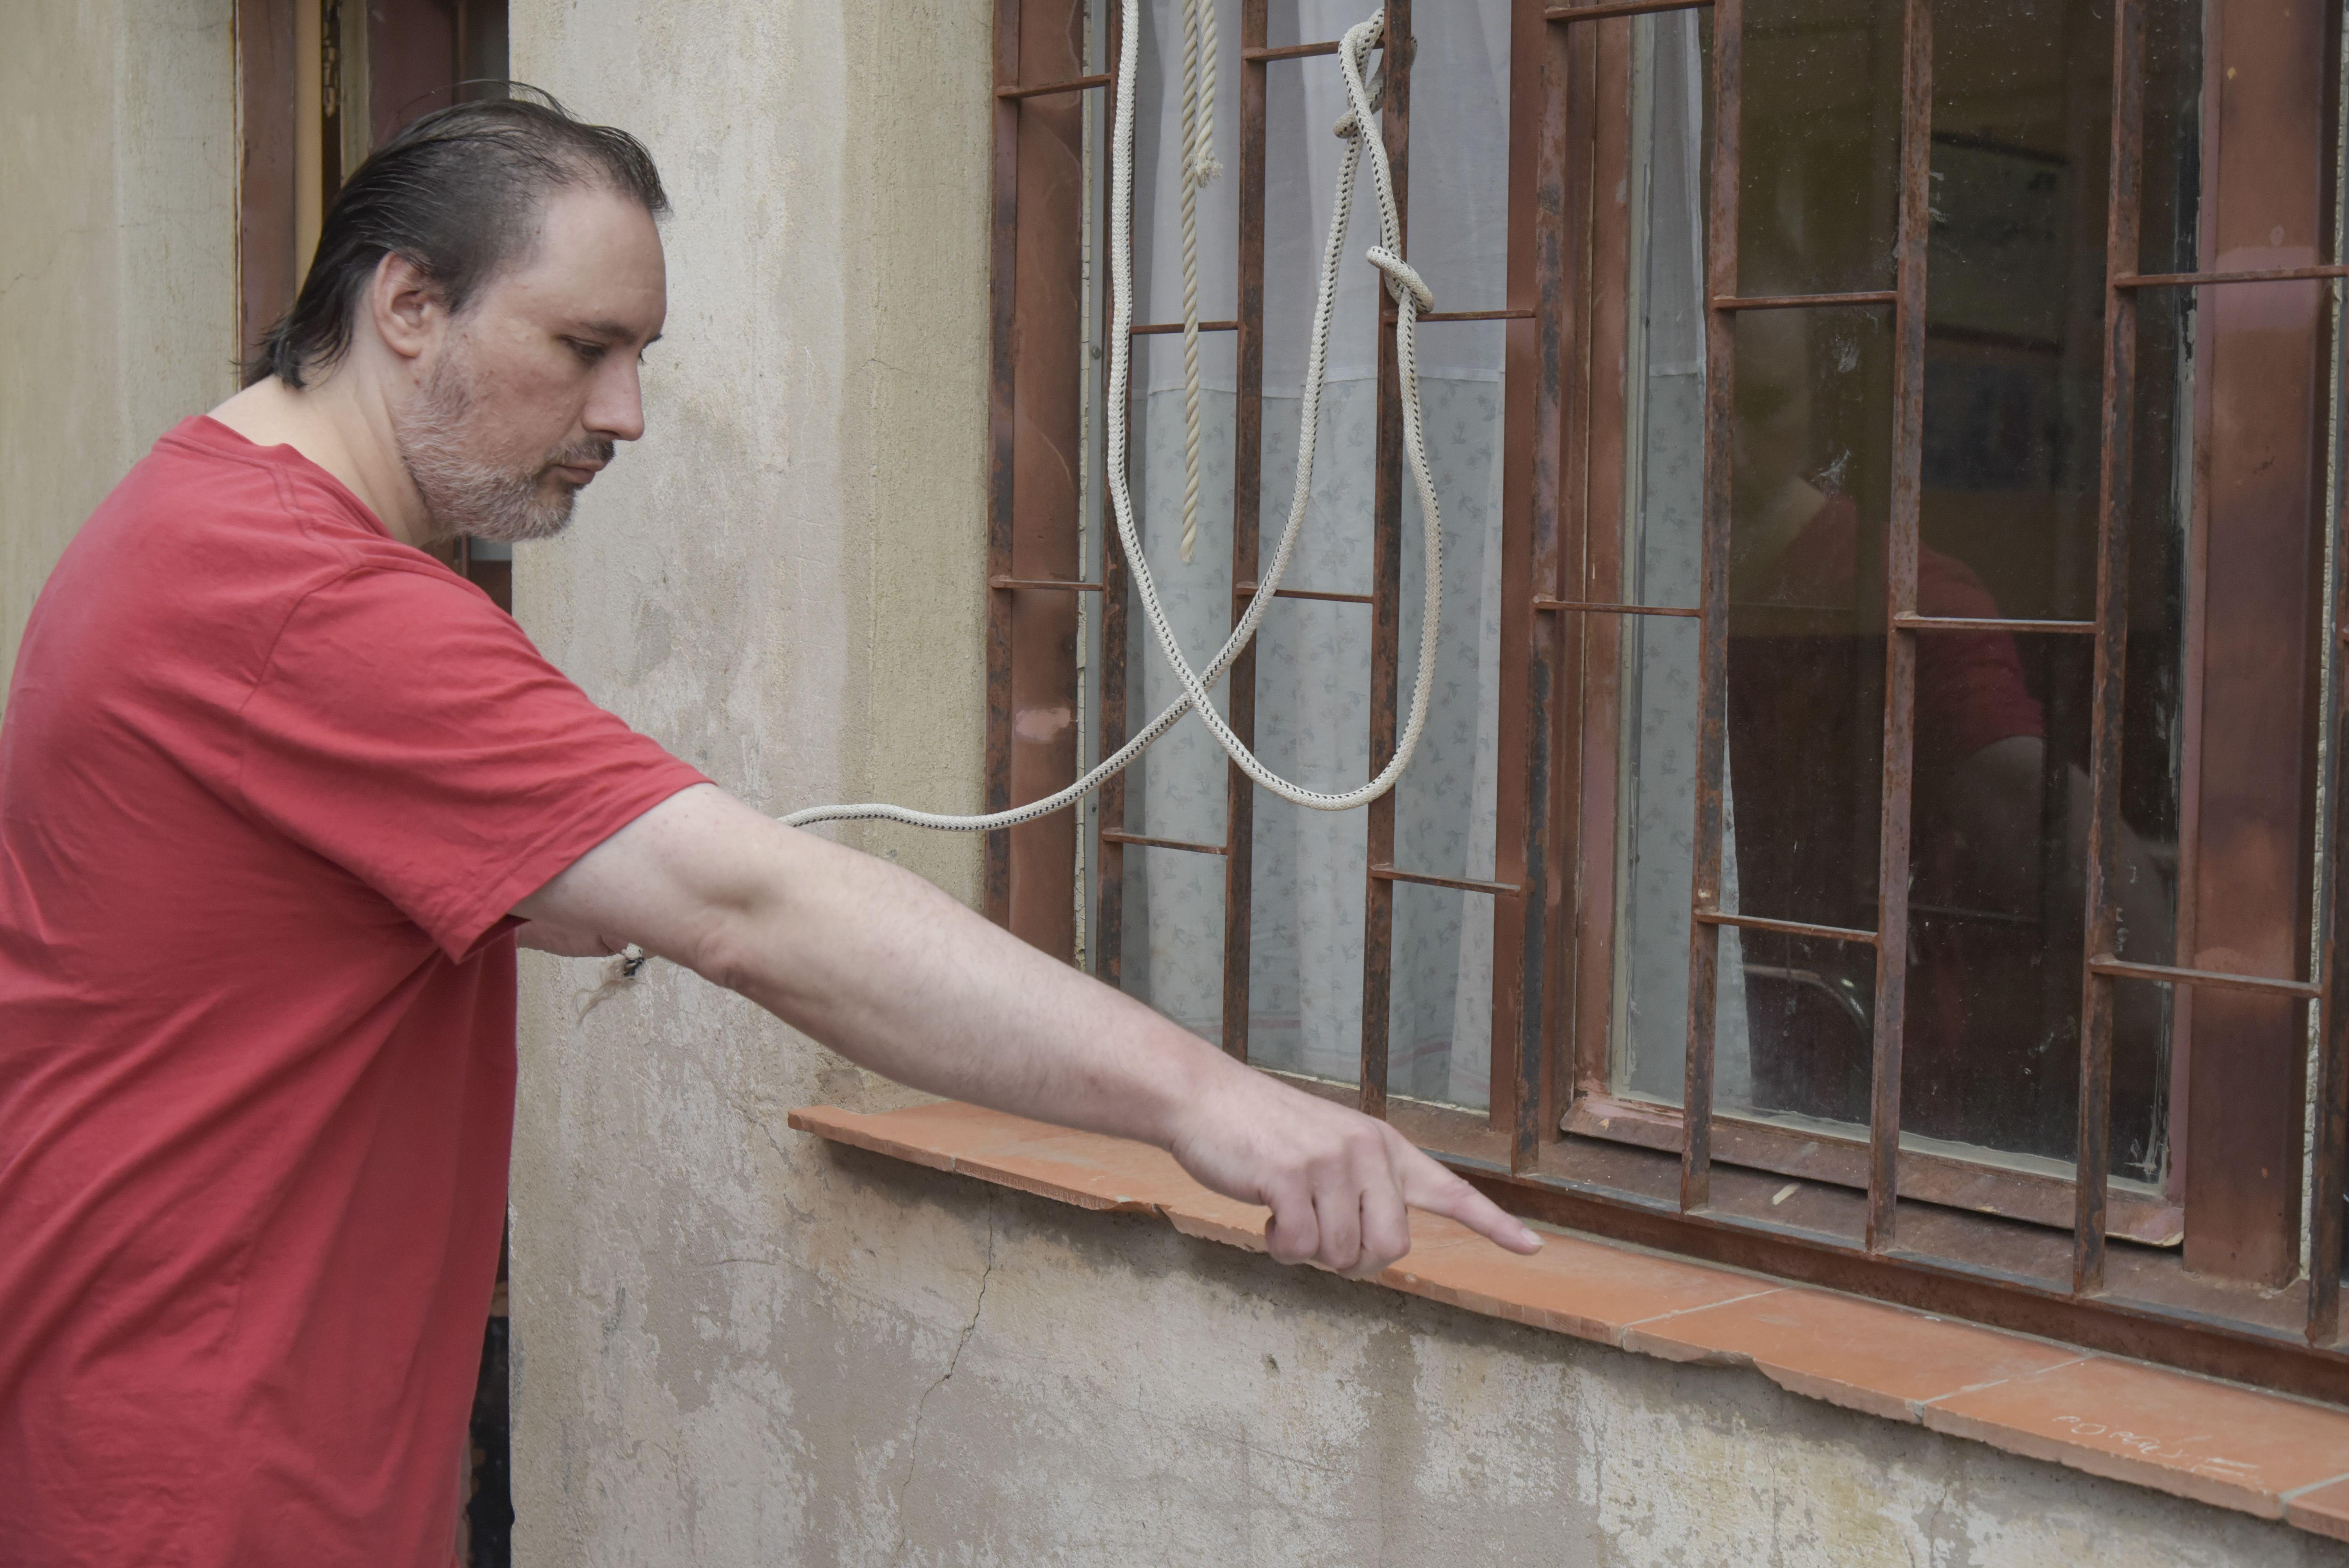 Marioni señala los daños en el ventanal del viejo comercio familiar. Denuncia hostigamientos y agresiones por parte de su cuñado. Dice que la Policía no le tomó la denuncia y hoy irá a la Fiscalía.